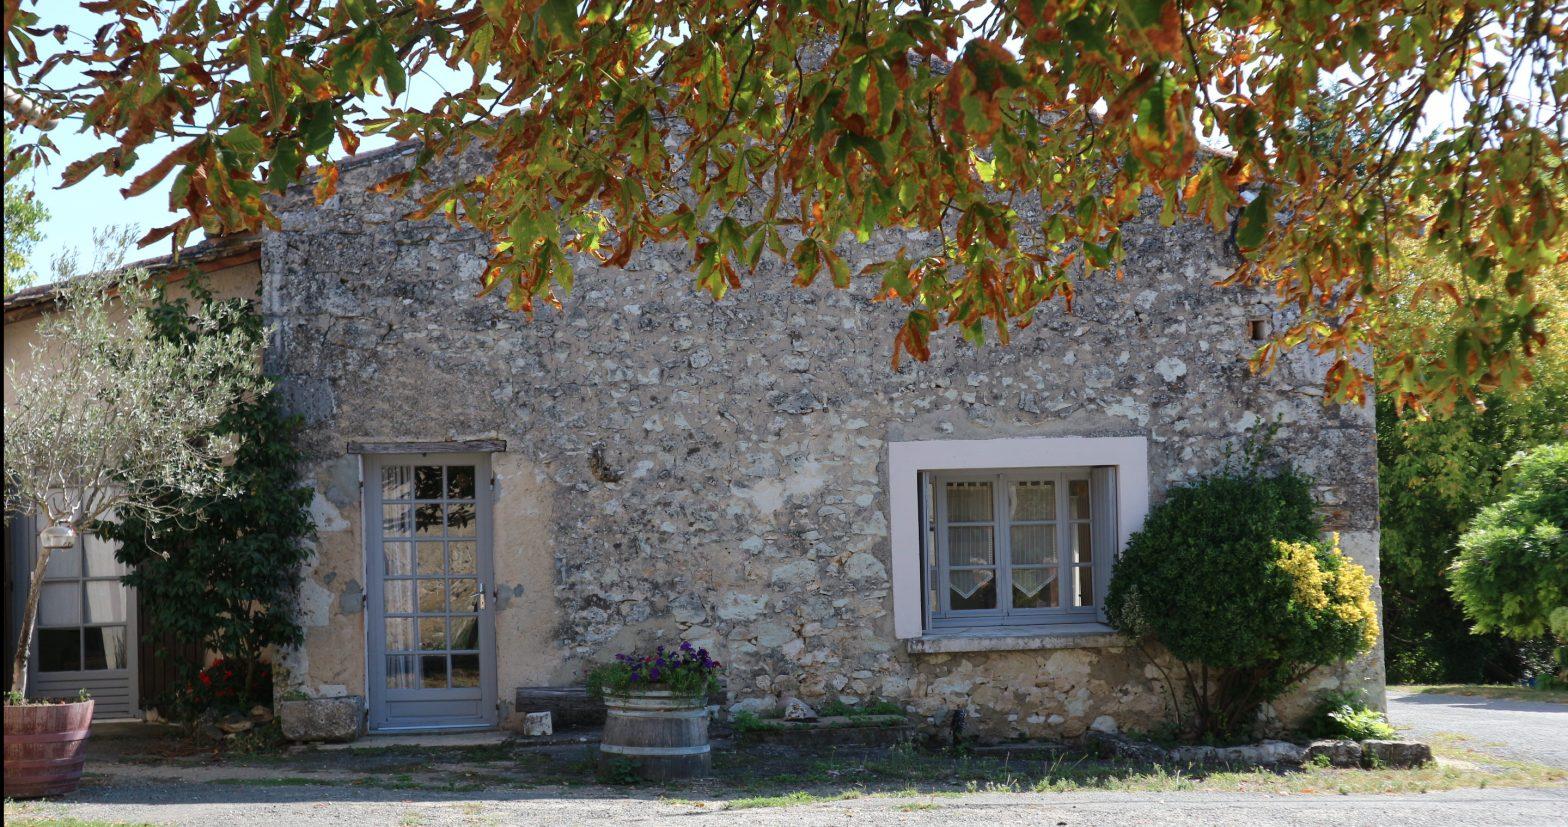 Propriété viticole à vendre de 11 HA - Bordeaux - 9013 - fr